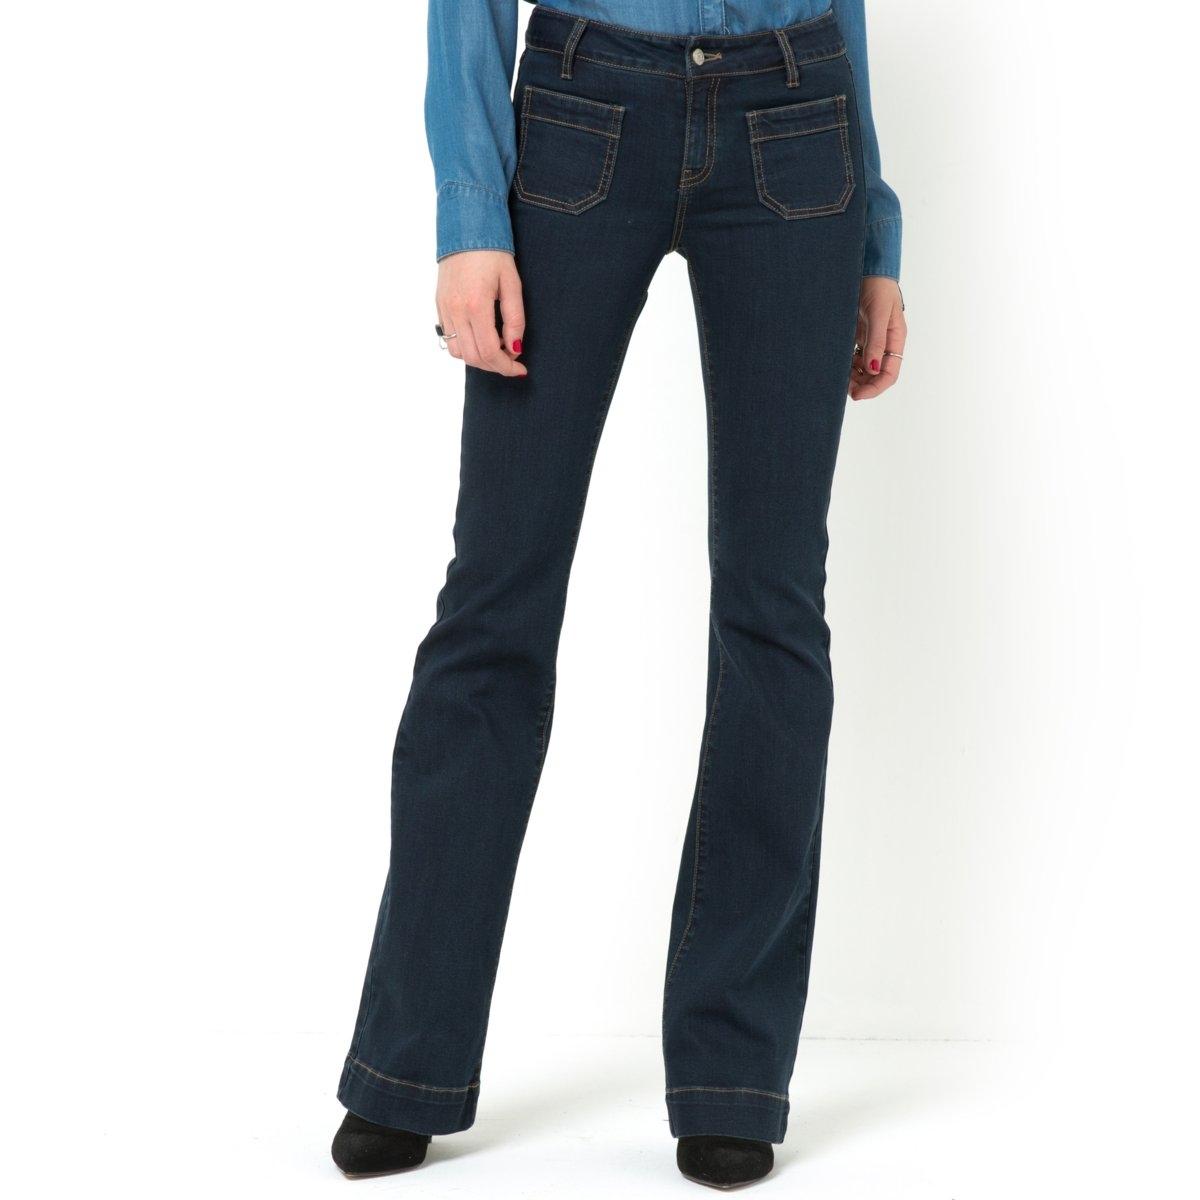 Джинсы расклешенные из денима стретчЭластомультиэстер - полиэстеровое волокно, добавляемое в деним для большего комфорта.Эластомультиэстер придает джинсам эластичность и способность долго сохранять форму.<br><br>Цвет: синий выбеленный,темно-синий<br>Размер: 34 (FR) - 40 (RUS).36 (FR) - 42 (RUS).44 (FR) - 50 (RUS)